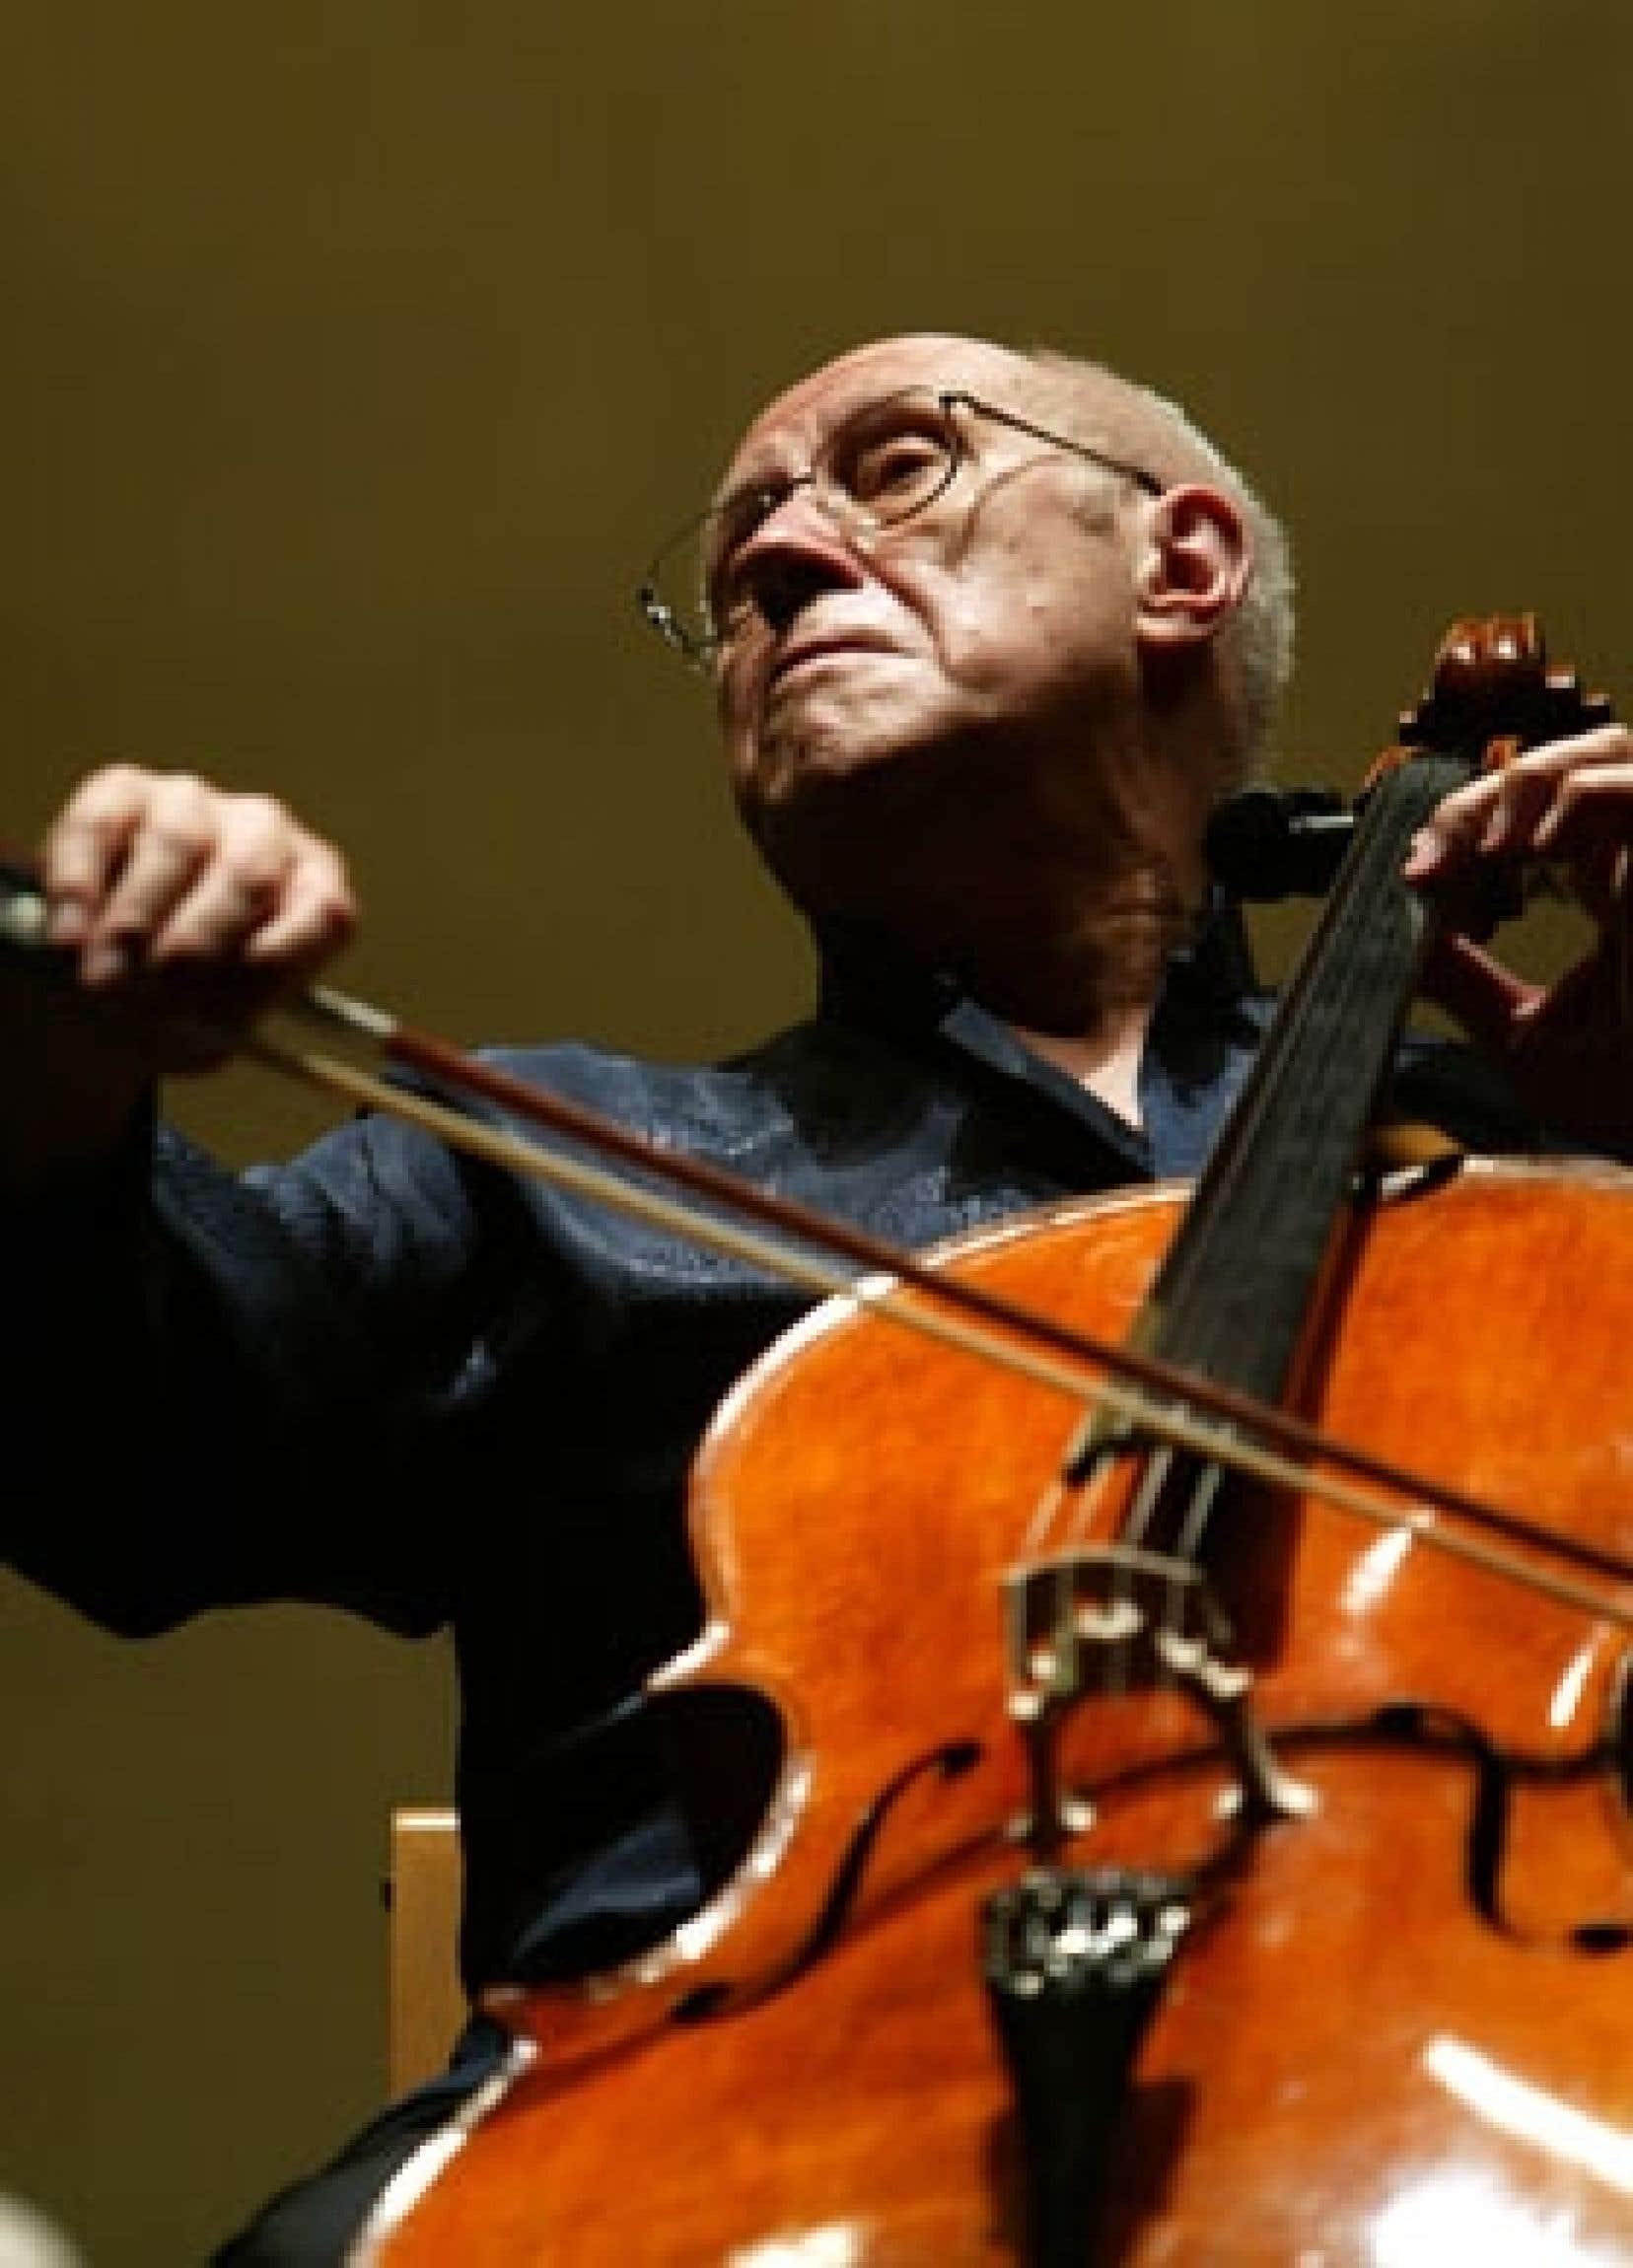 Une photo d'archives du violoncelliste russe Mstislav Rostropovitch, prise le 9 septembre 2004, alors qu'il dirigeait une répétition de l'Orchestre de chambre de Prague en vue d'un concert au théâtre Maestranza de Séville, en Espagne.